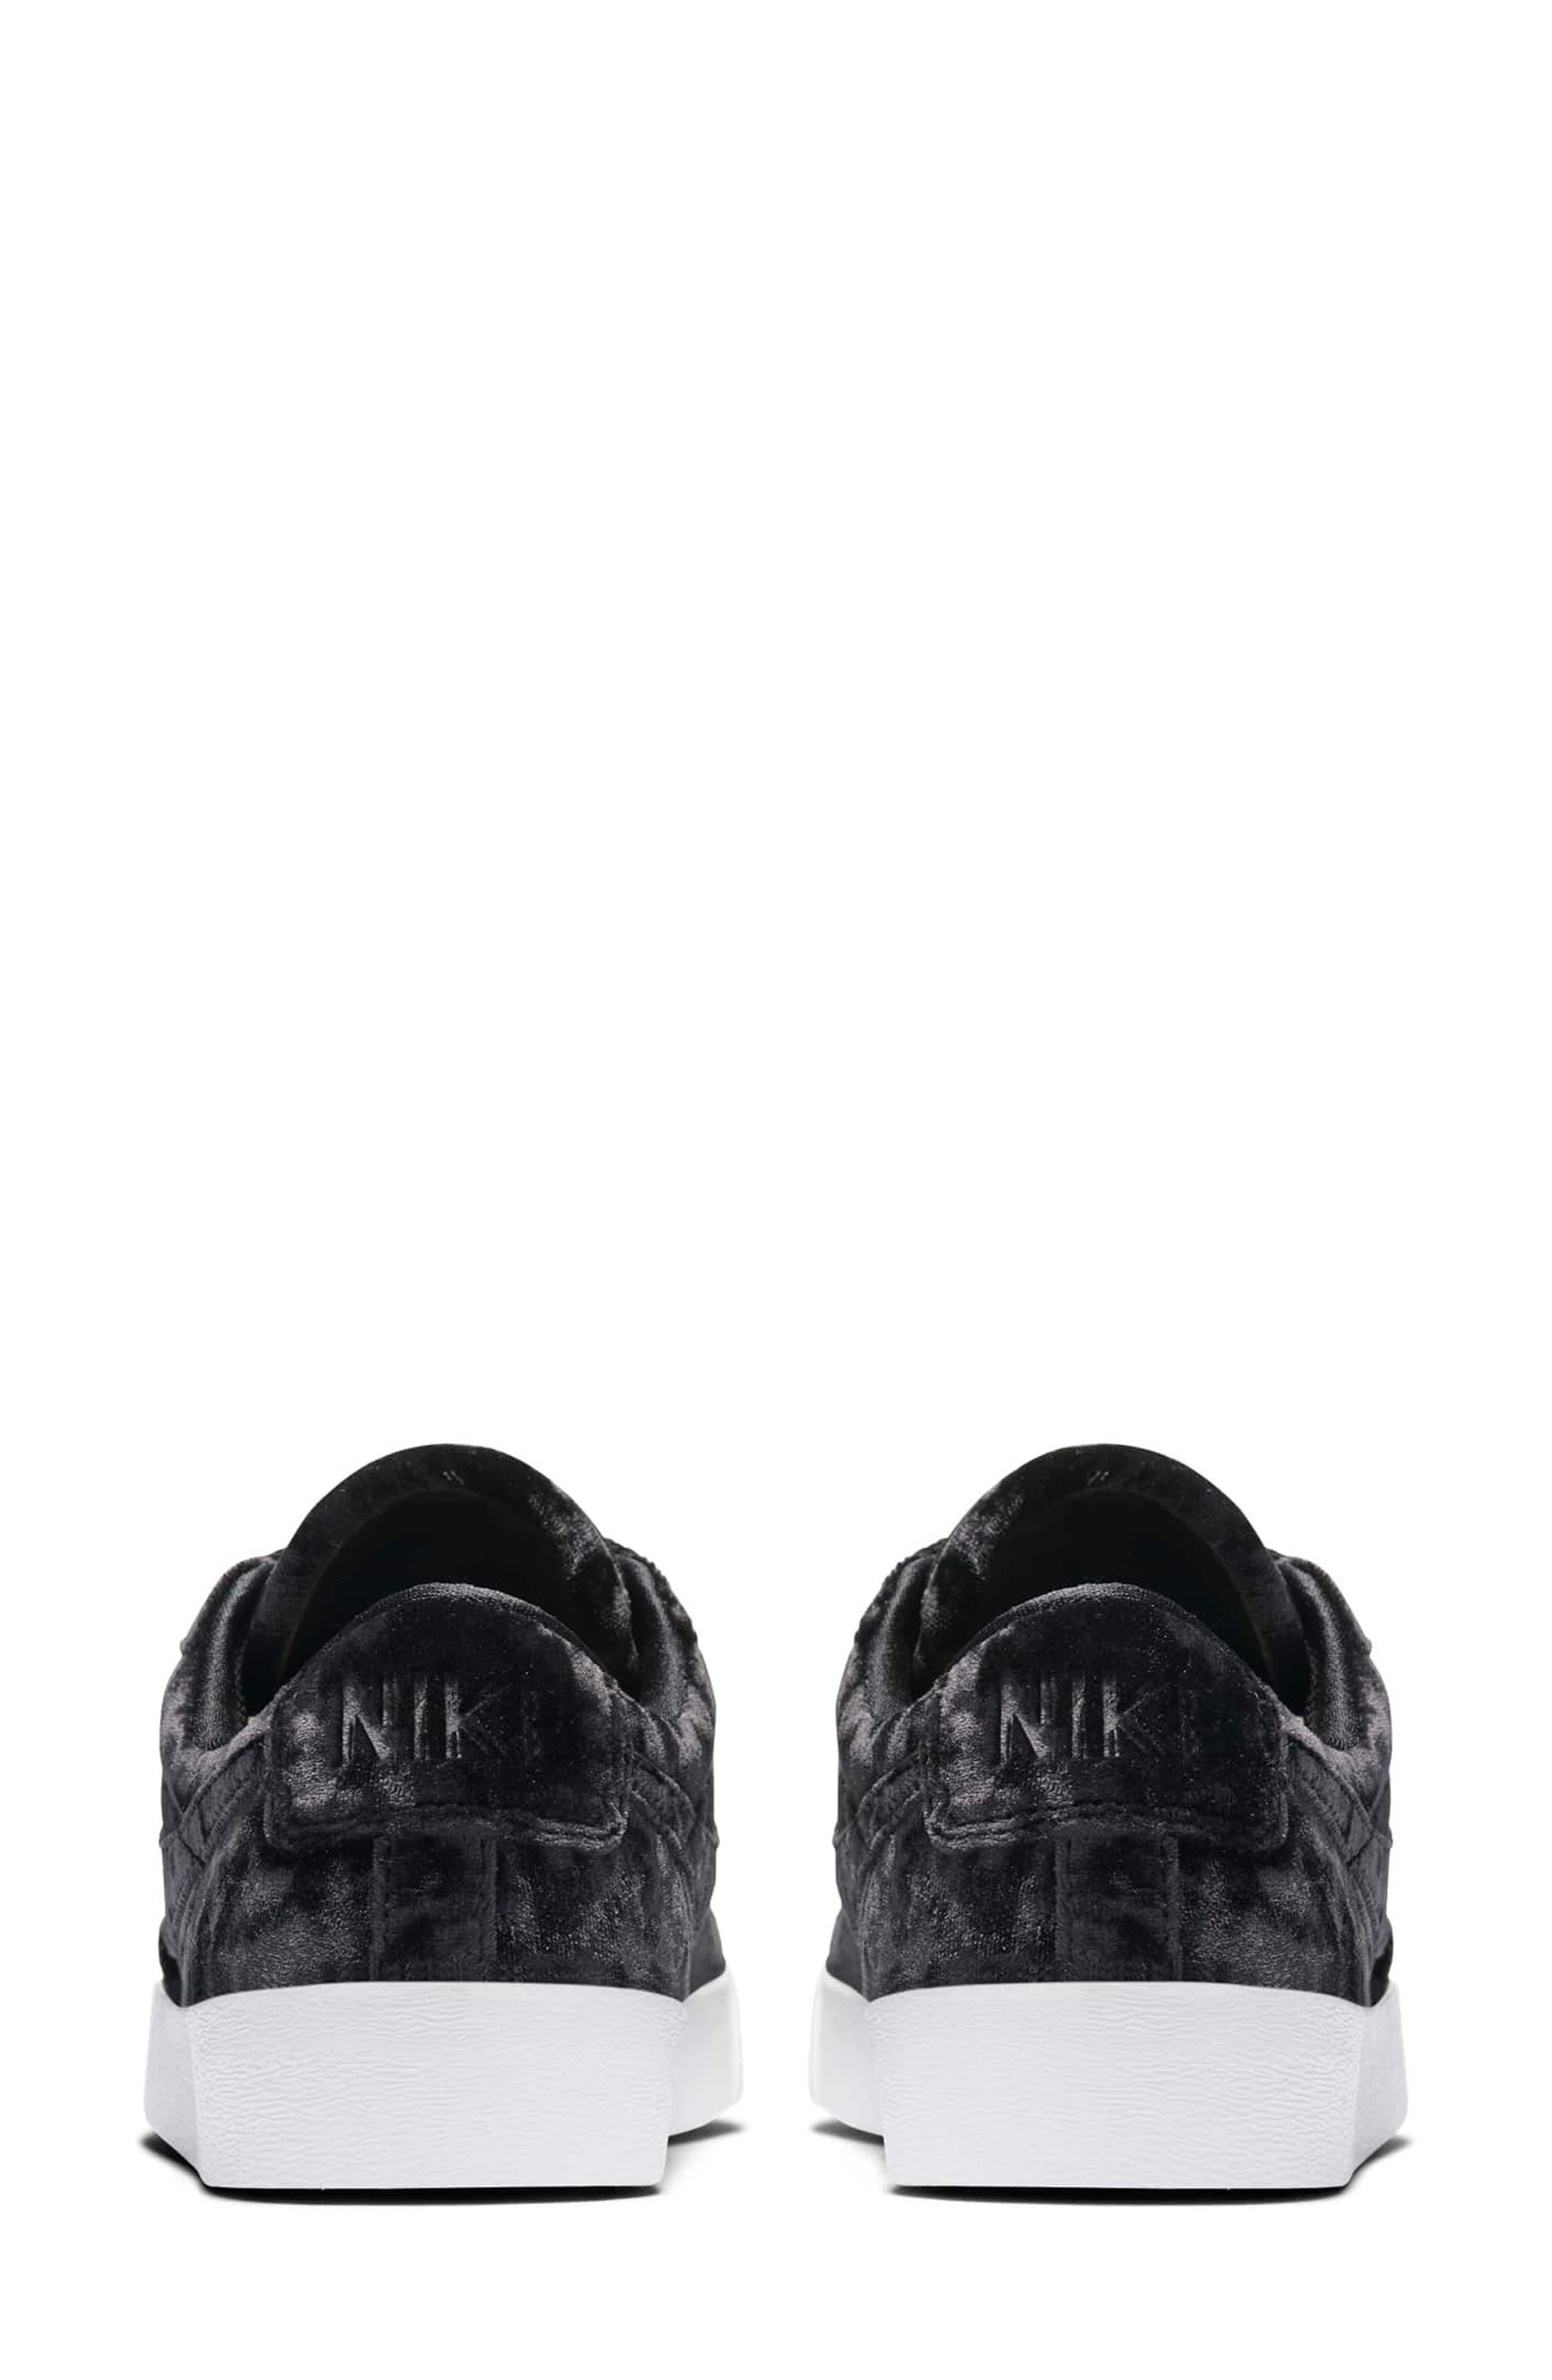 Blazer Low X Sneaker,                             Alternate thumbnail 2, color,                             003